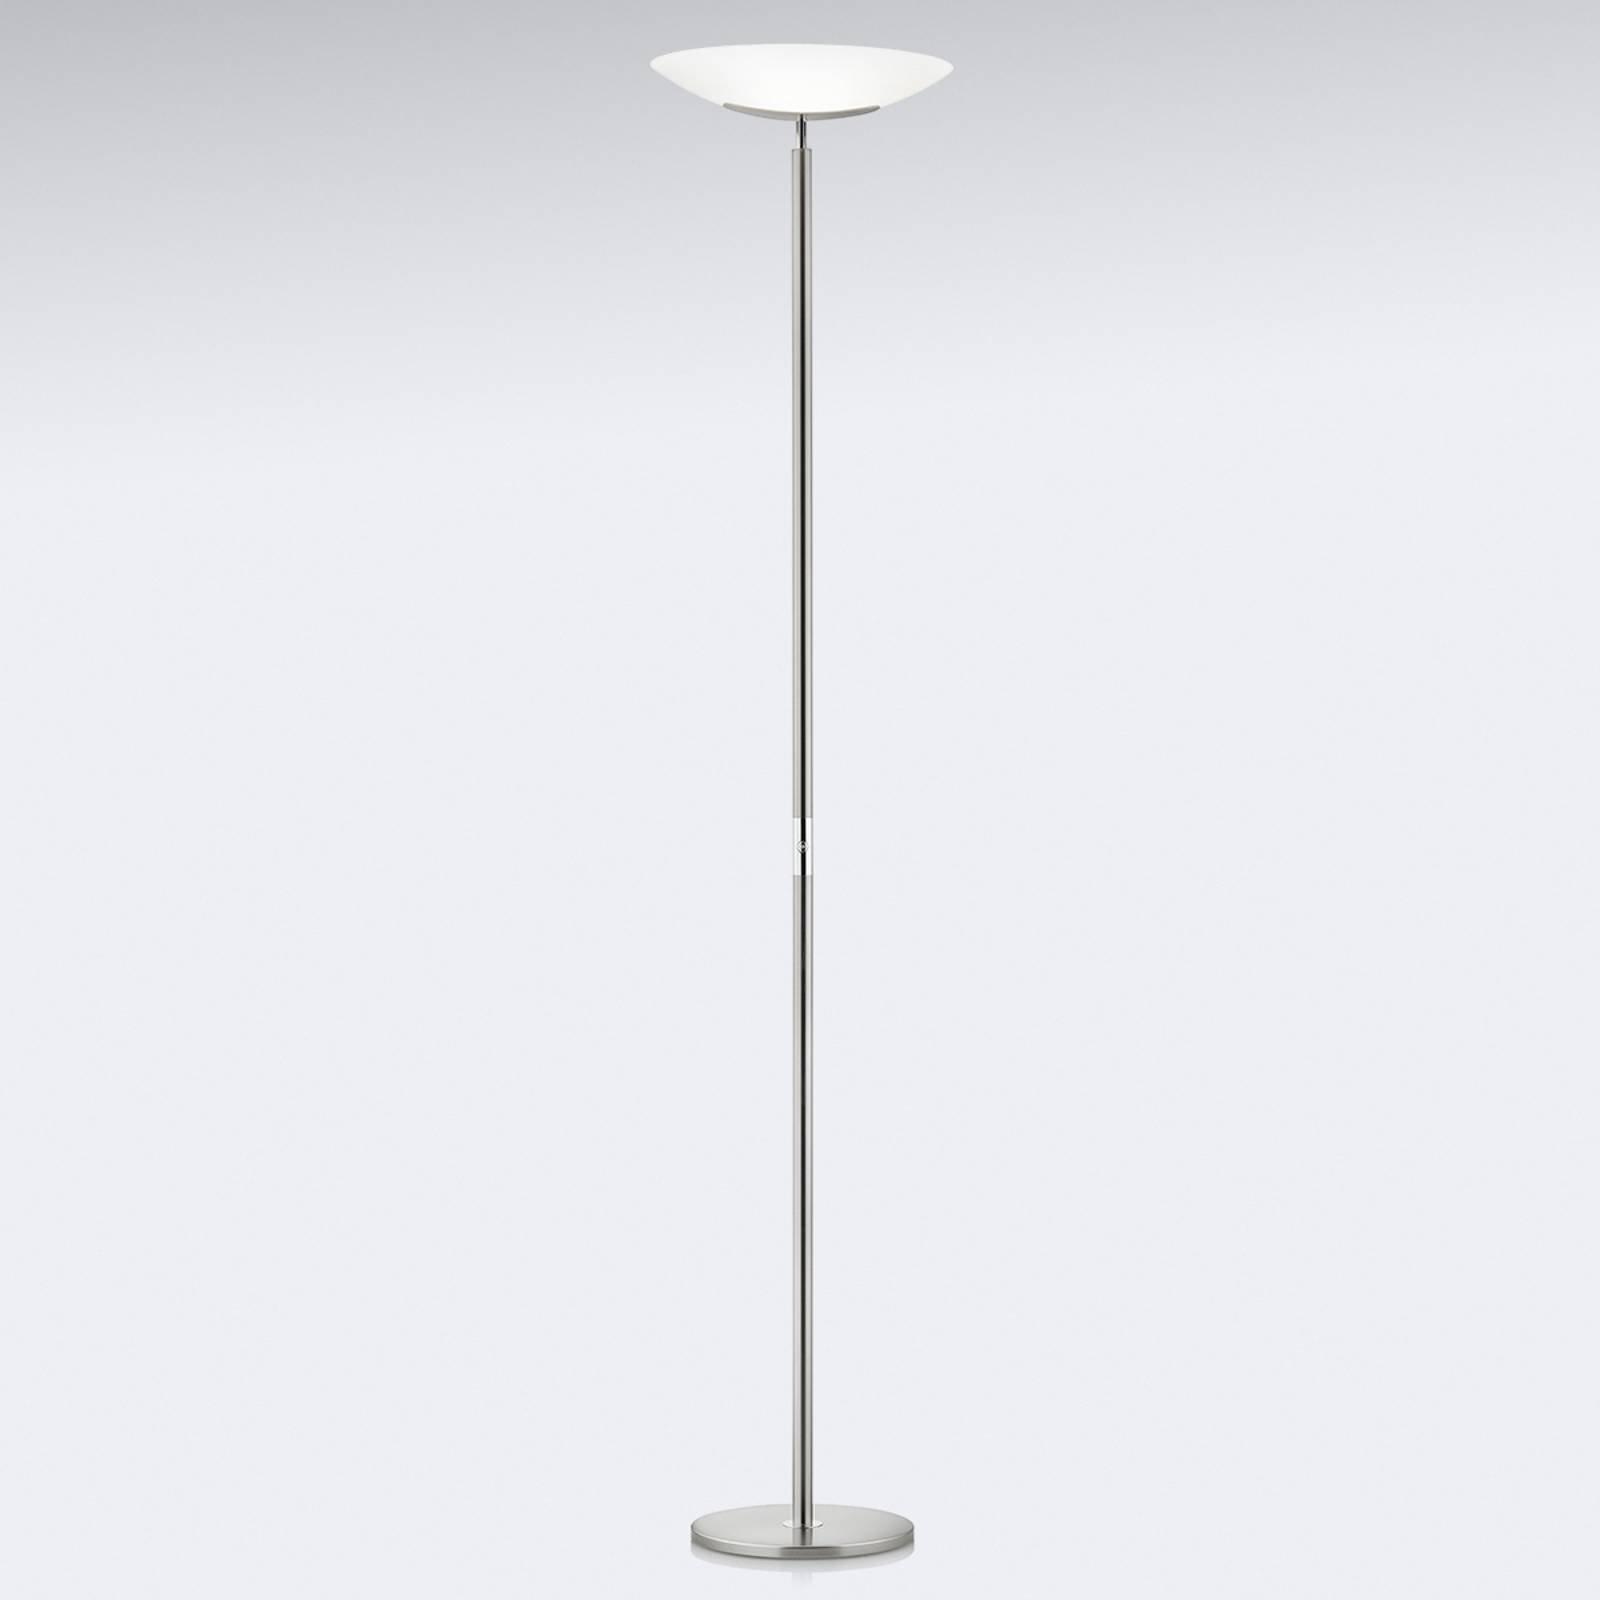 Mika LED-uplight av høy kvalitet i nikkel-krom